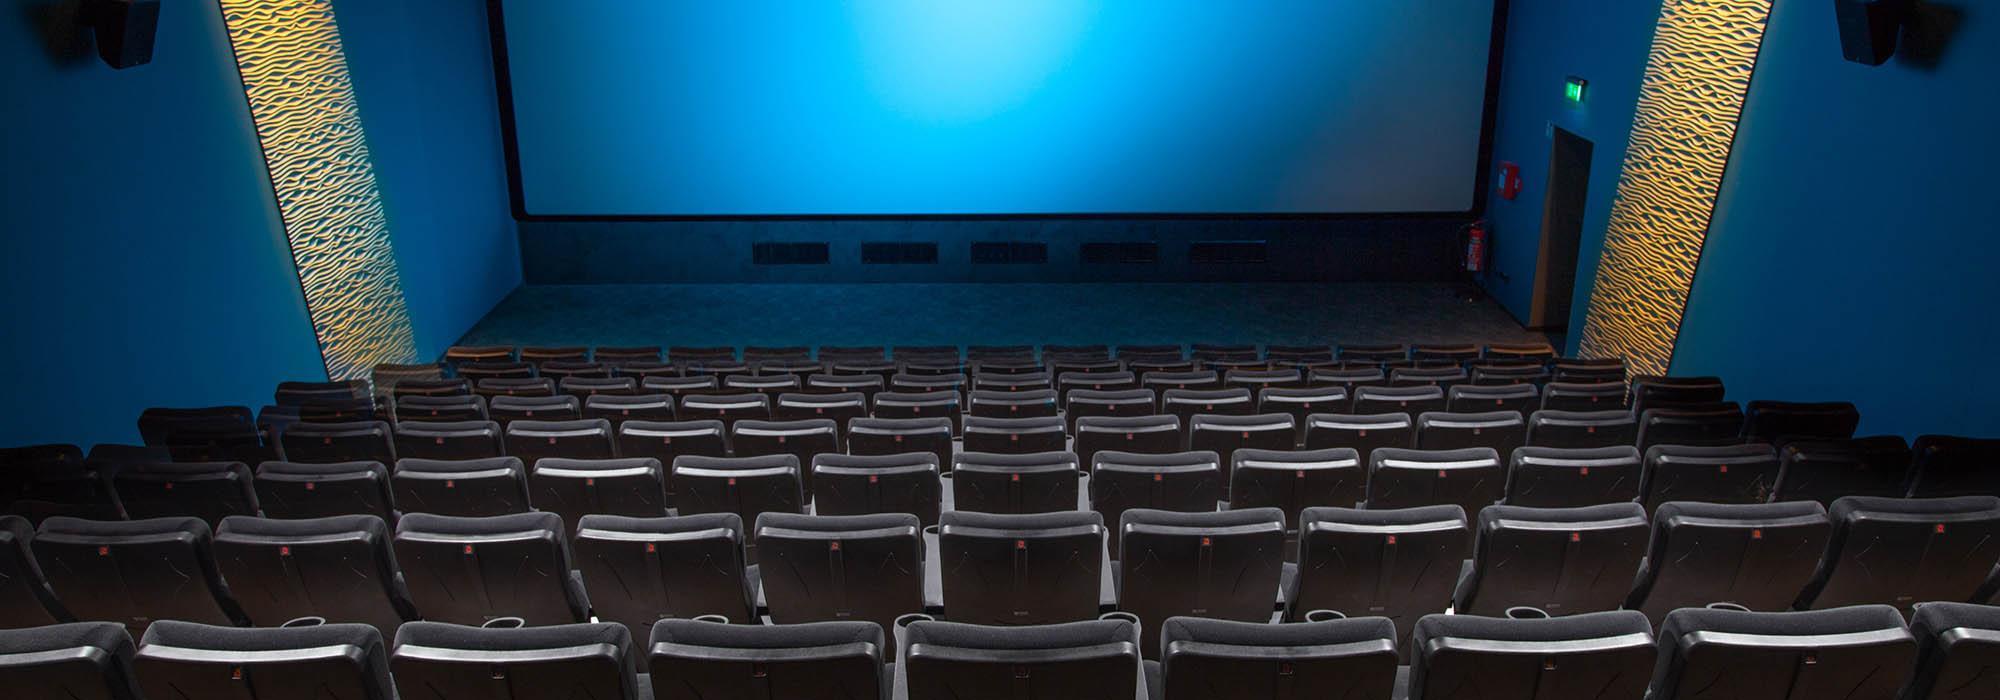 cinema-2502213-pixabay